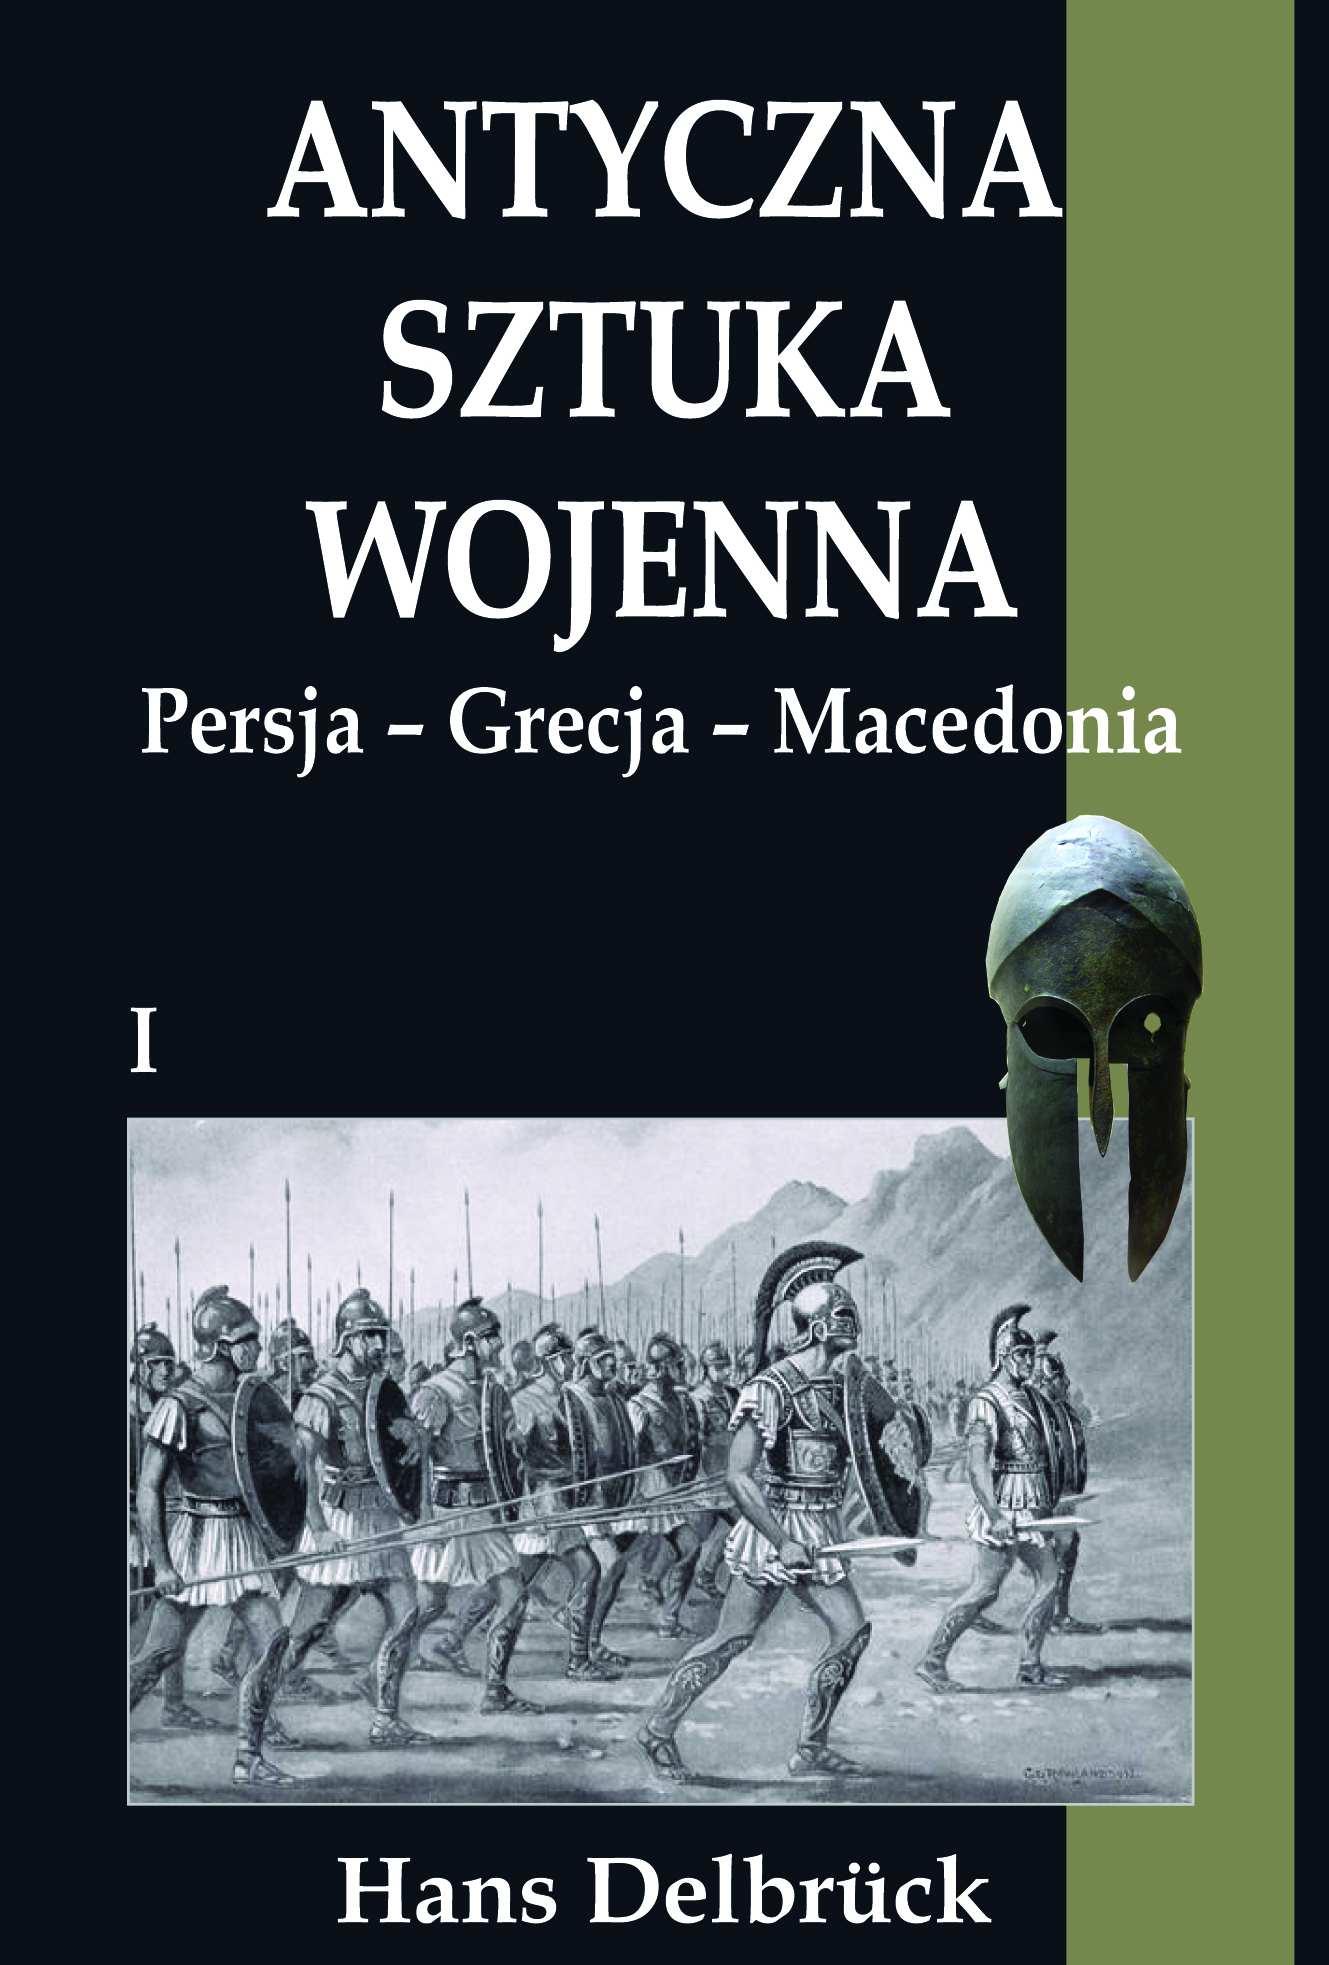 Antyczna sztuka wojenna. Tom I. Persja - Grecja - Macedonia - Ebook (Książka na Kindle) do pobrania w formacie MOBI